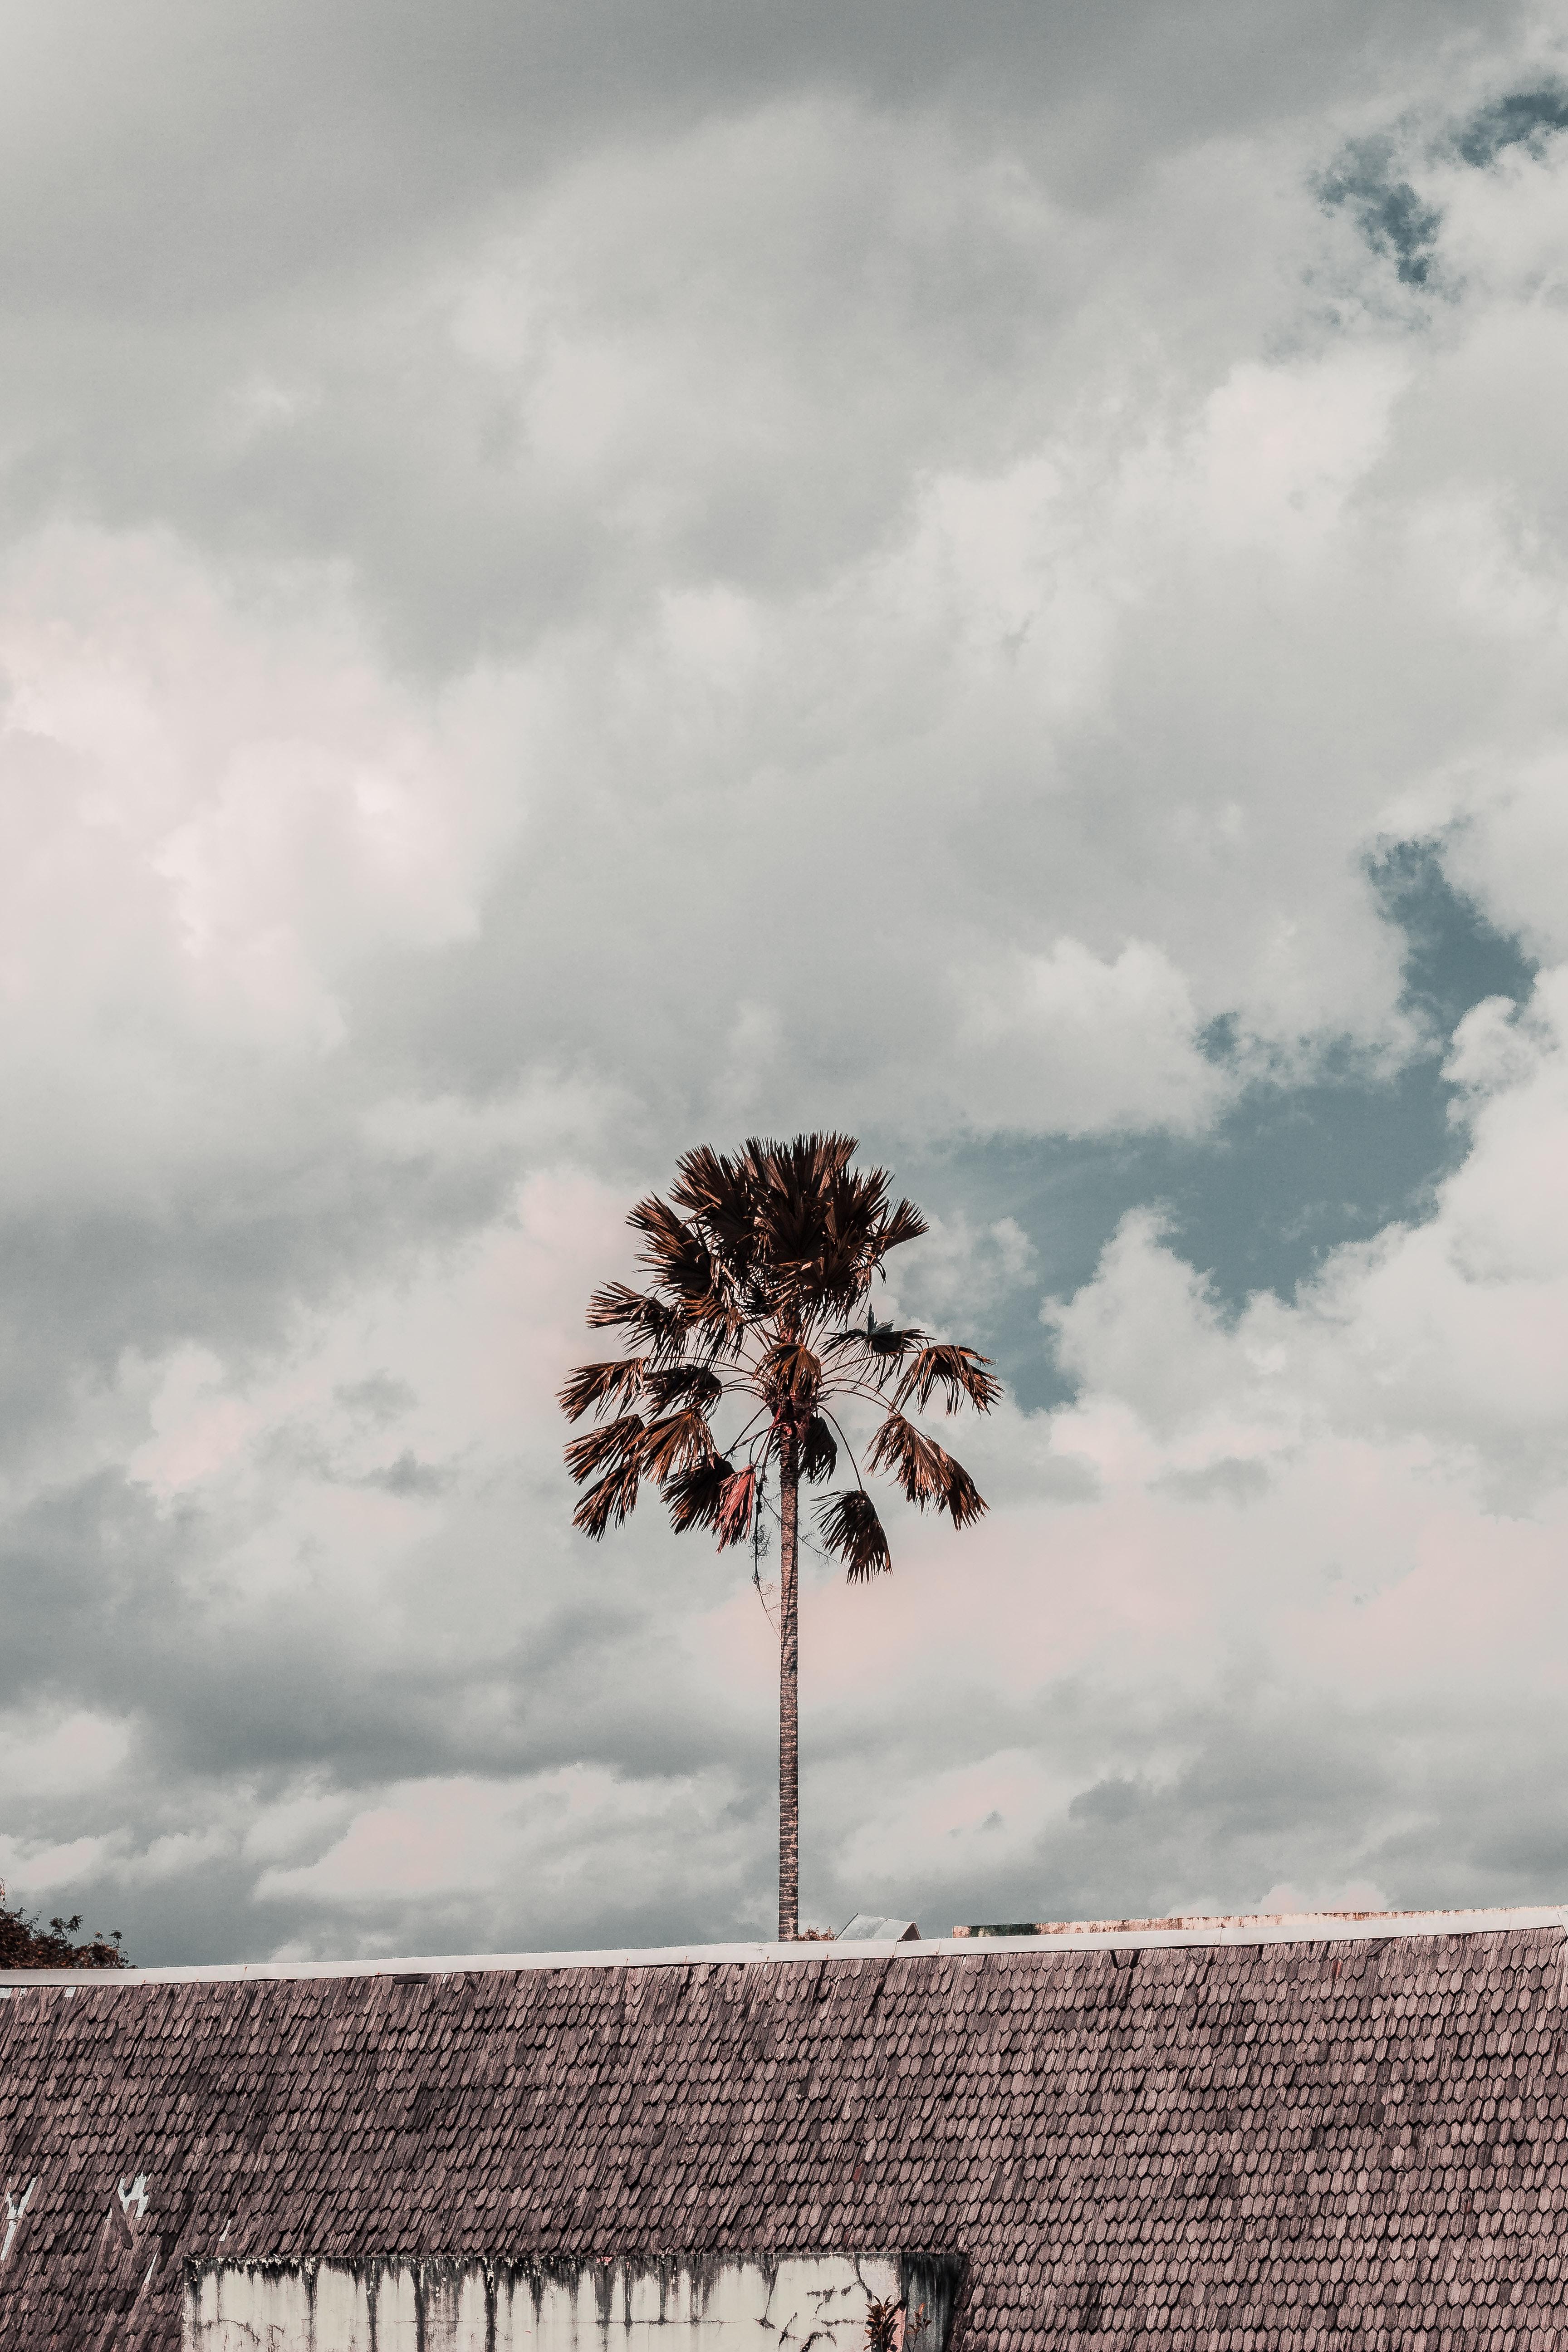 Brown leafed tree under cloudy skies photo